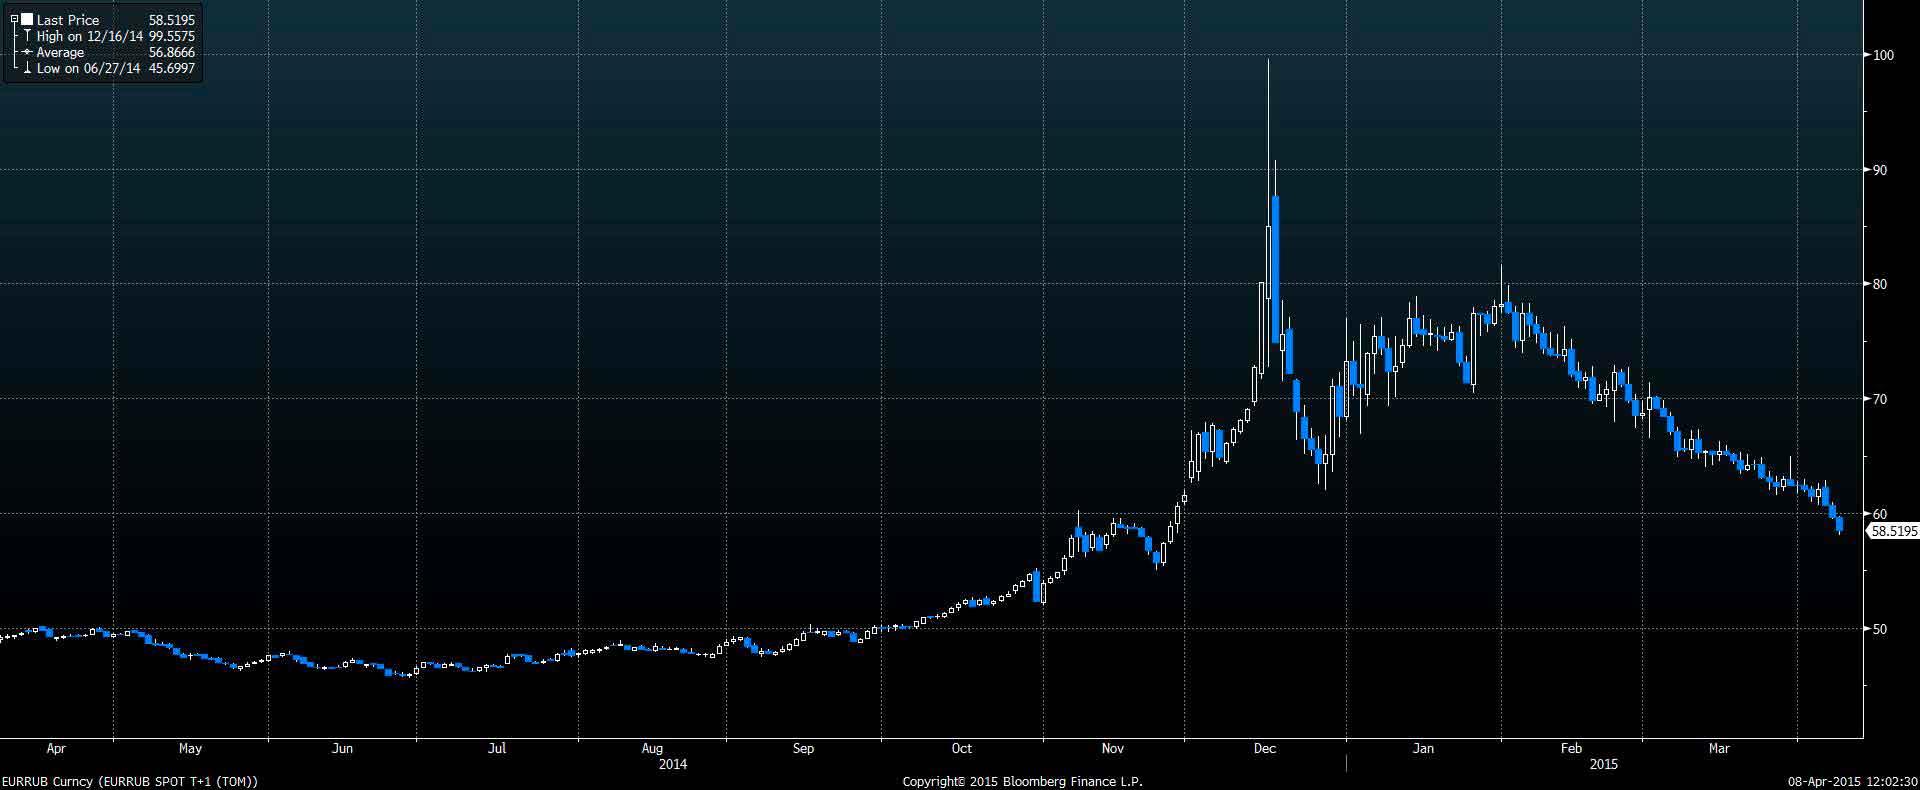 Wykres EUR/RUB za ostatnie 12 miesięcy